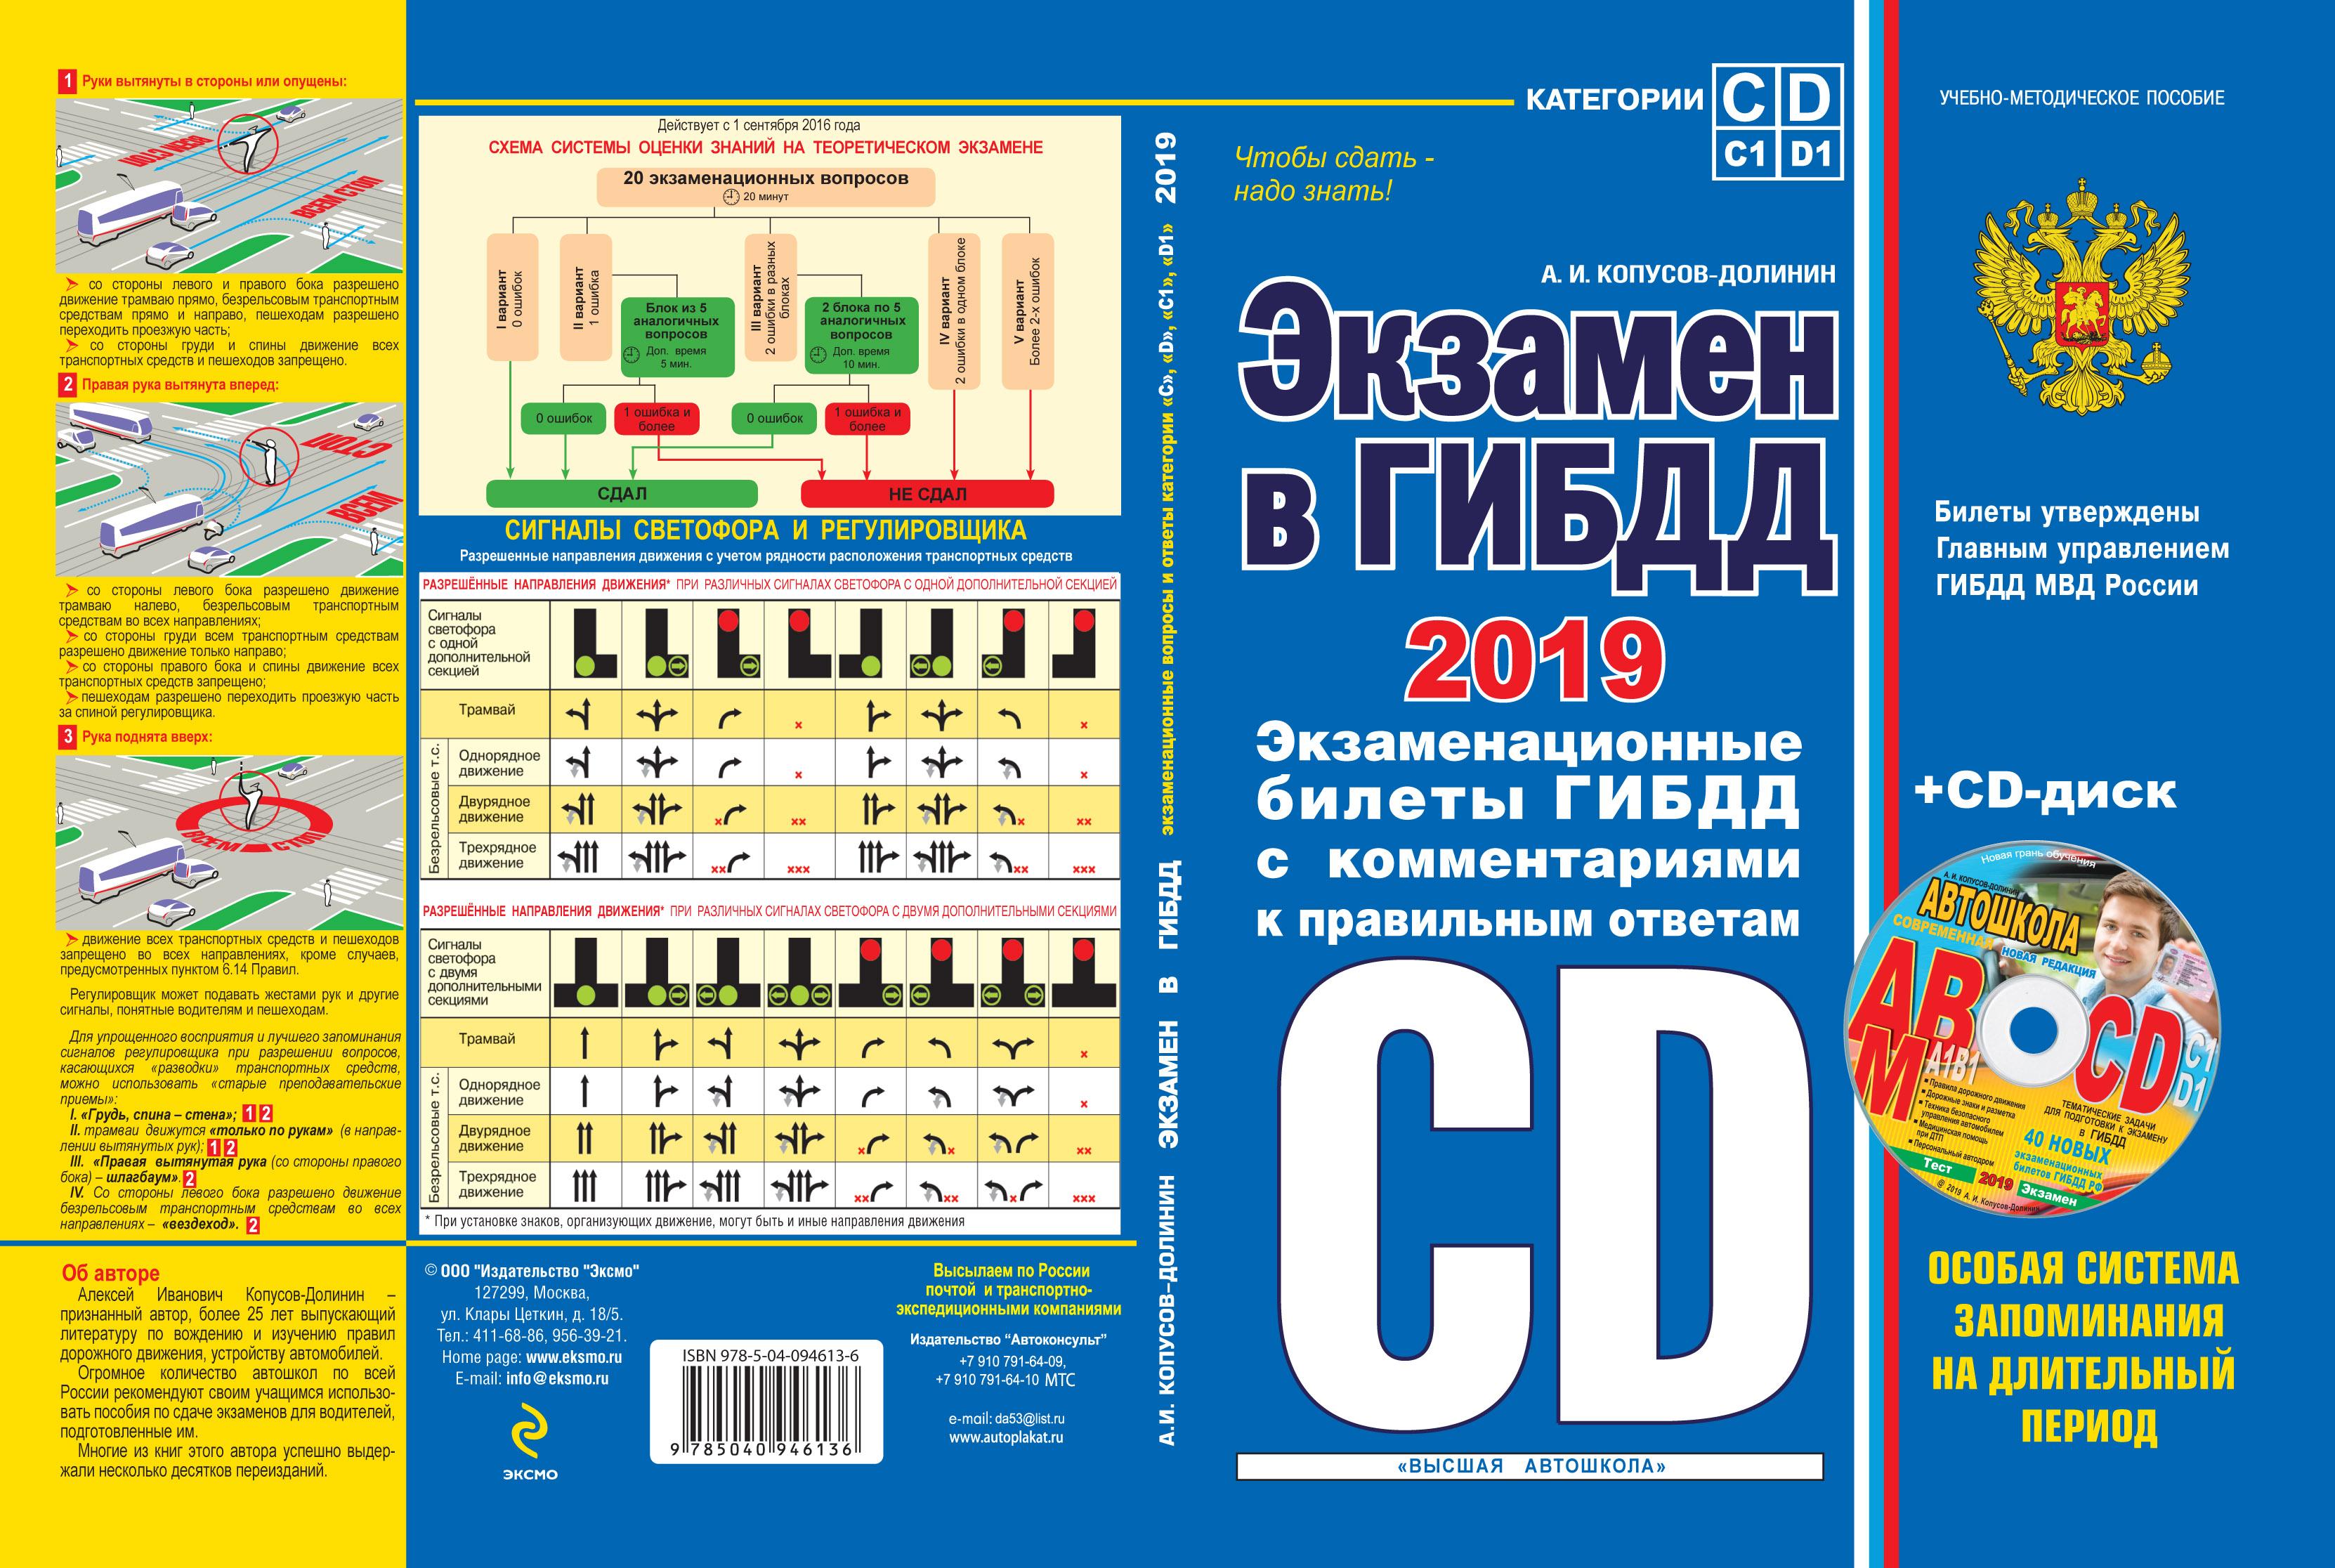 Копусов-Долинин А.И. Экзамен в ГИБДД. Категории C, D, подкатегории C1, D1 (с изм. и доп. на 2019 год) (+ CD) а громаковский билеты для экзамена в гибдд категории c и d подкатегории c1 d1 с комментариями по состоянию на 2019 г